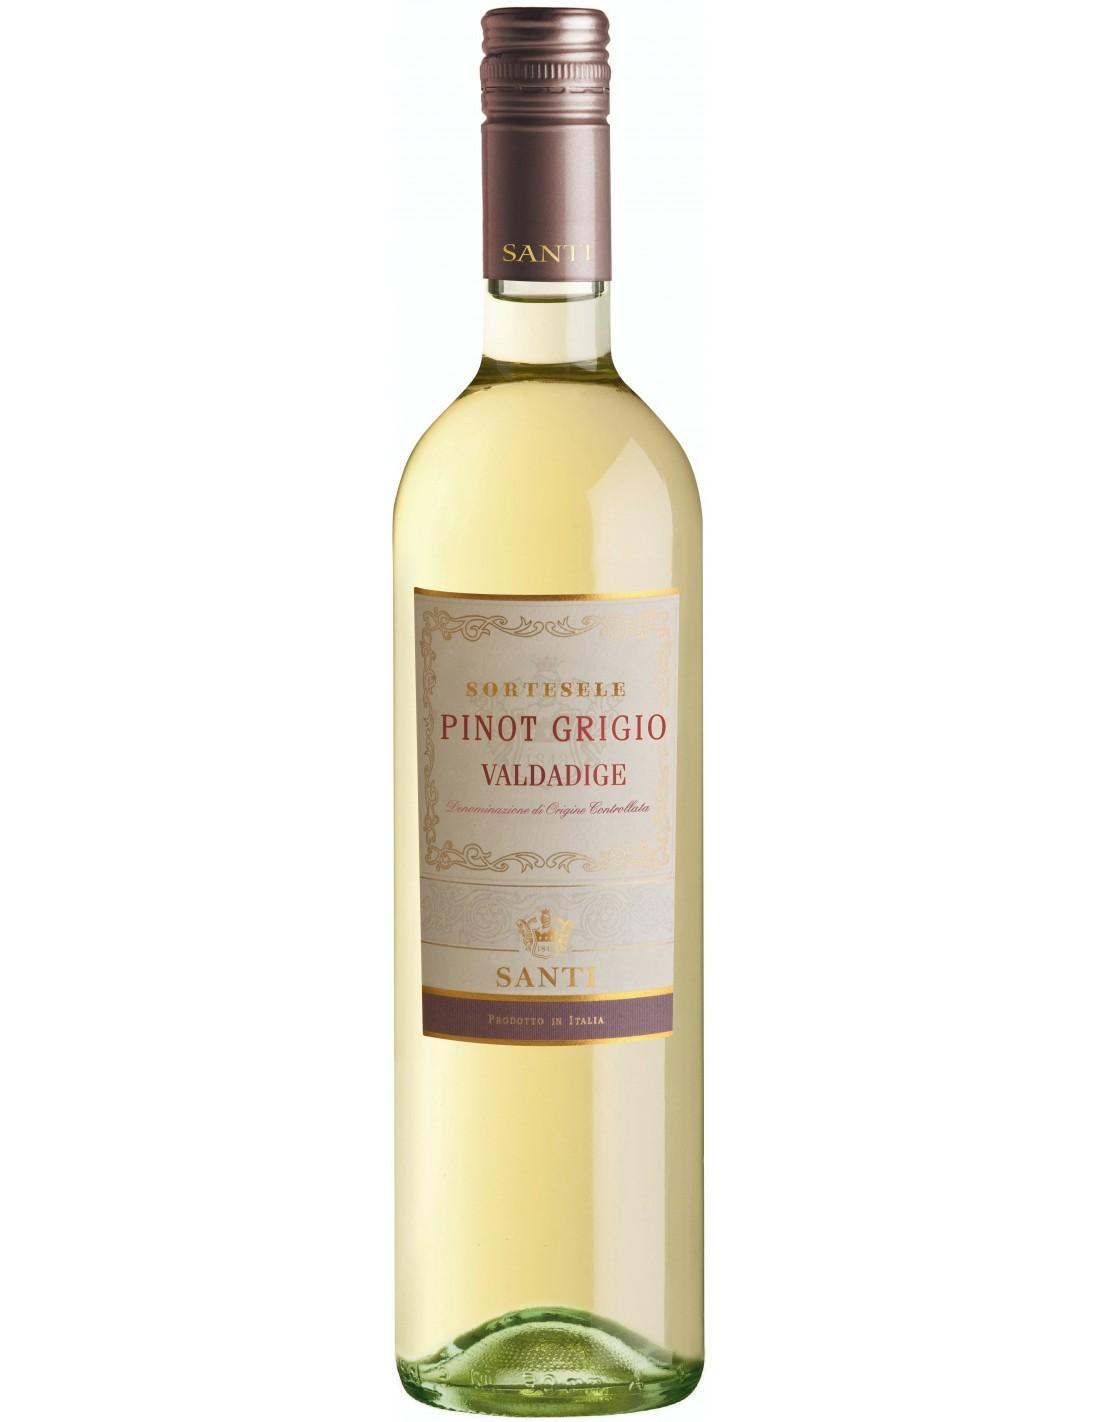 Vin alb, Pinot Grigio, Santi Sortesele Valdadige, 12.5% alc., 0.75L, Italia